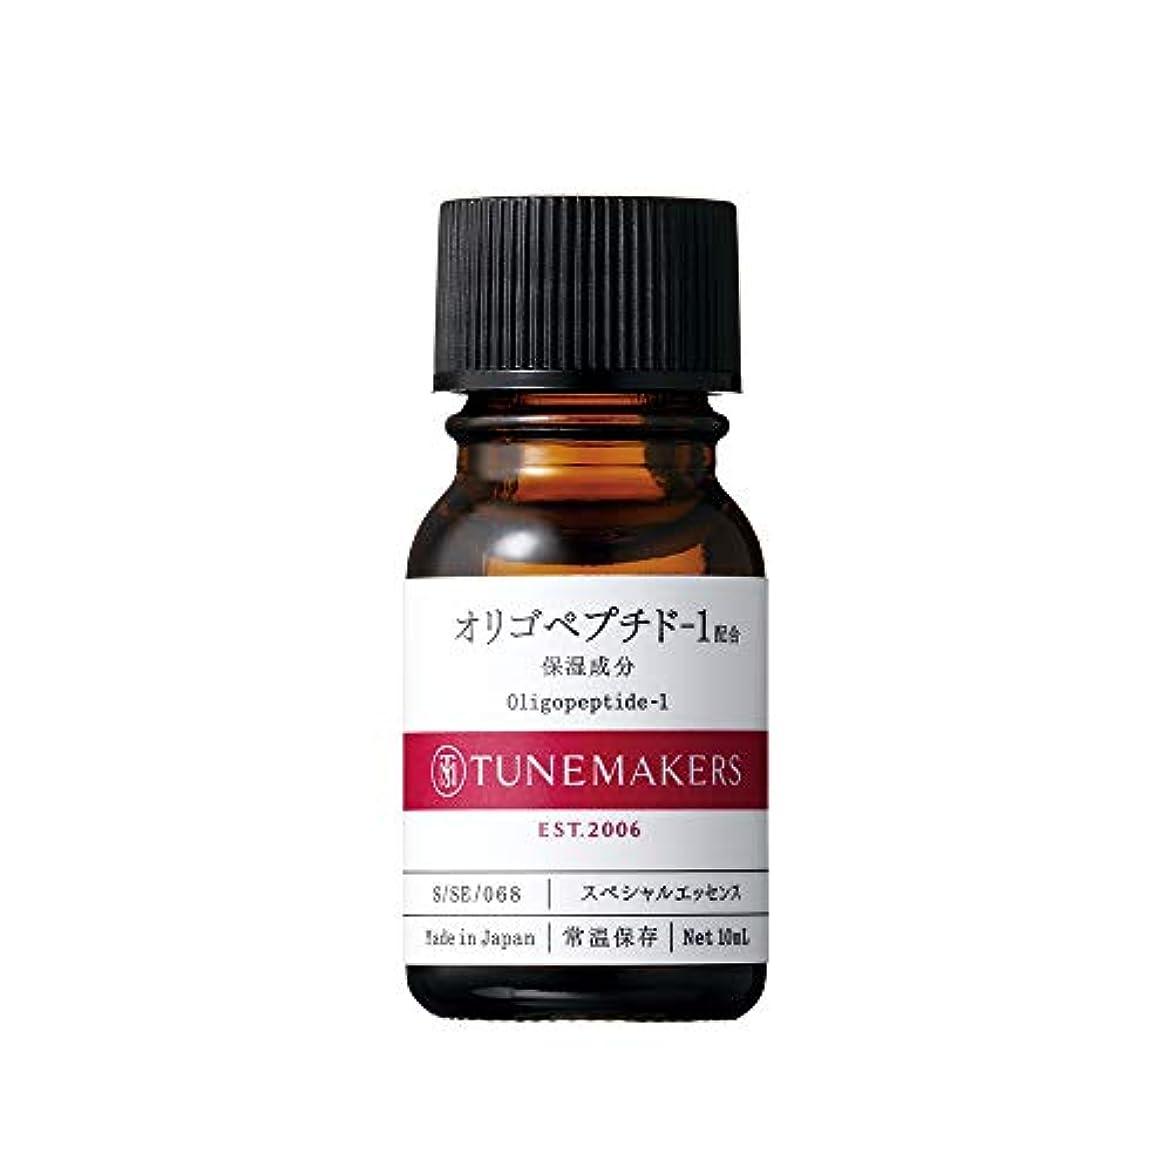 幸運モードリン規定TUNEMAKERS(チューンメーカーズ) オリゴペプチド-1 美容液 10ml